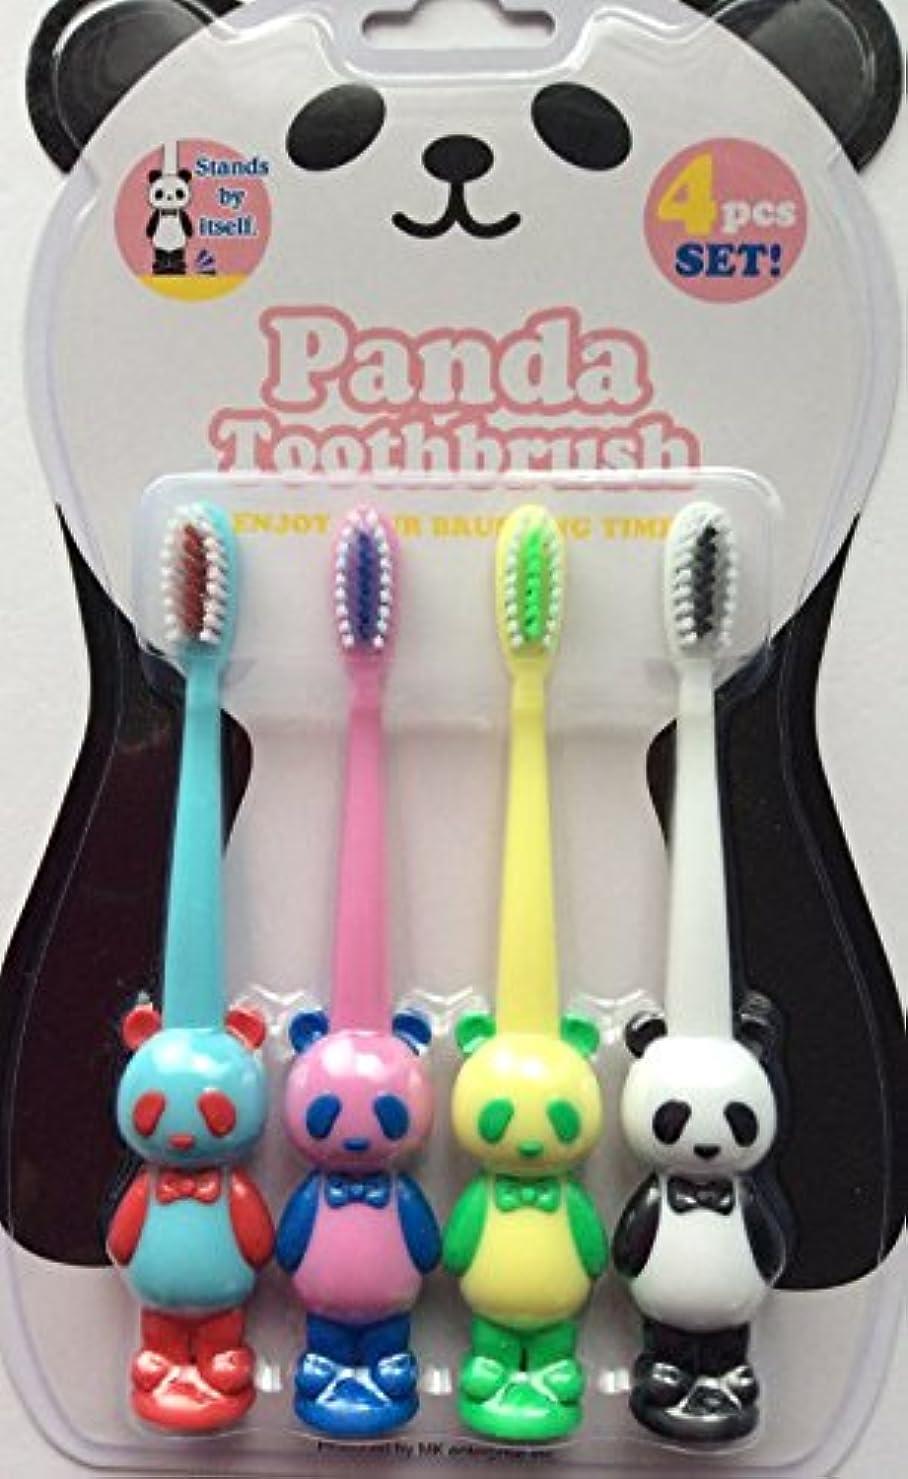 インク鎖電気アニマル パンダ 歯ブラシ 4P セット (カラフルパンダ)